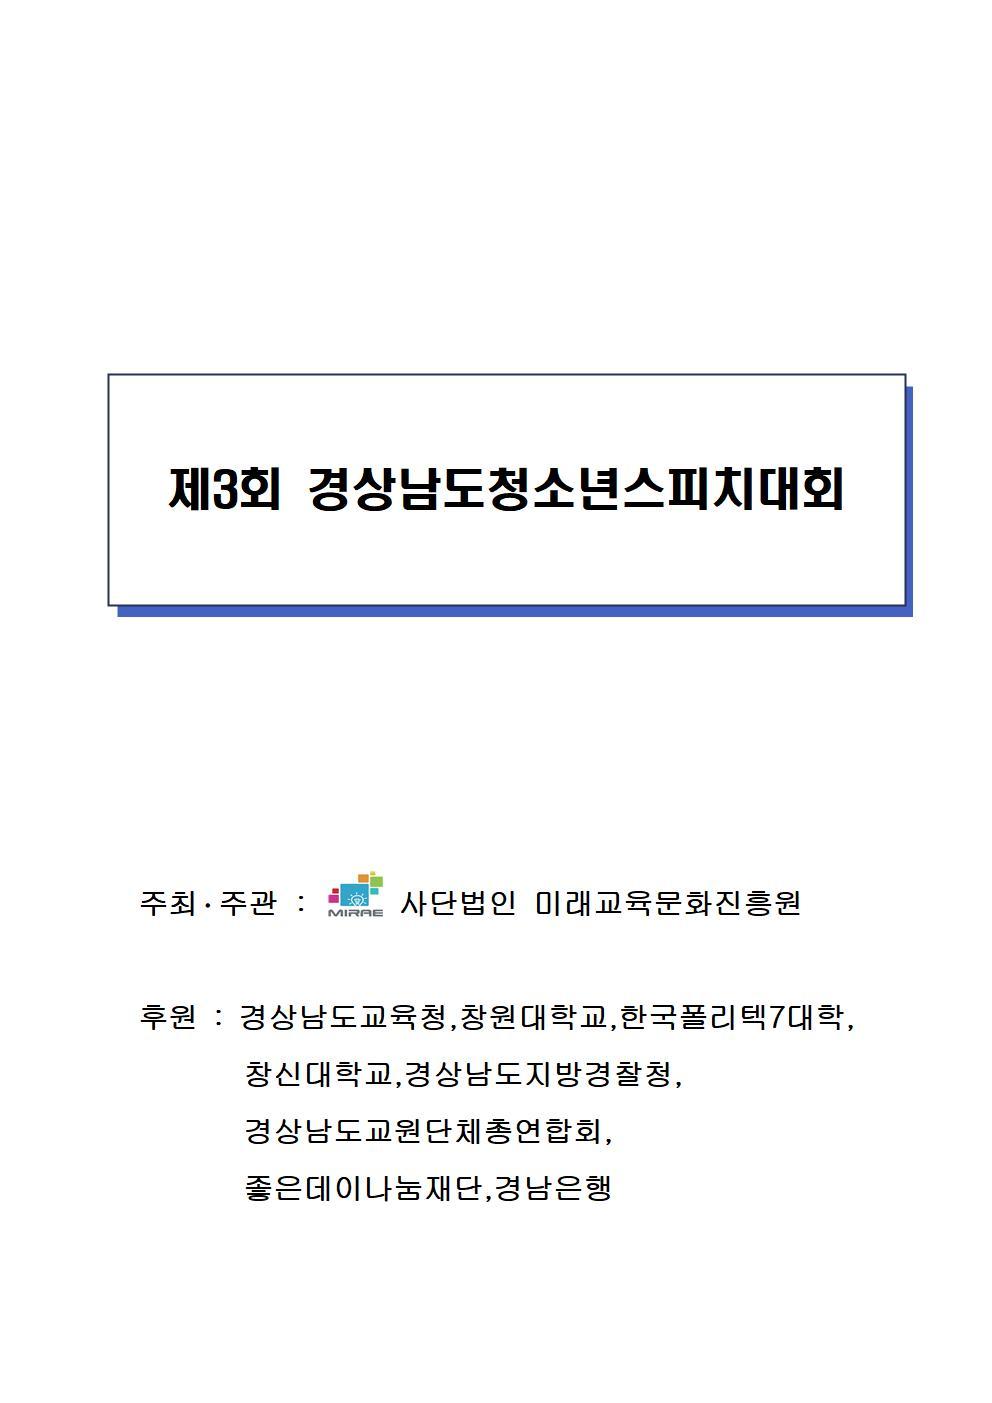 제3회경상남도청소년스피치대회안(최종)001.jpg